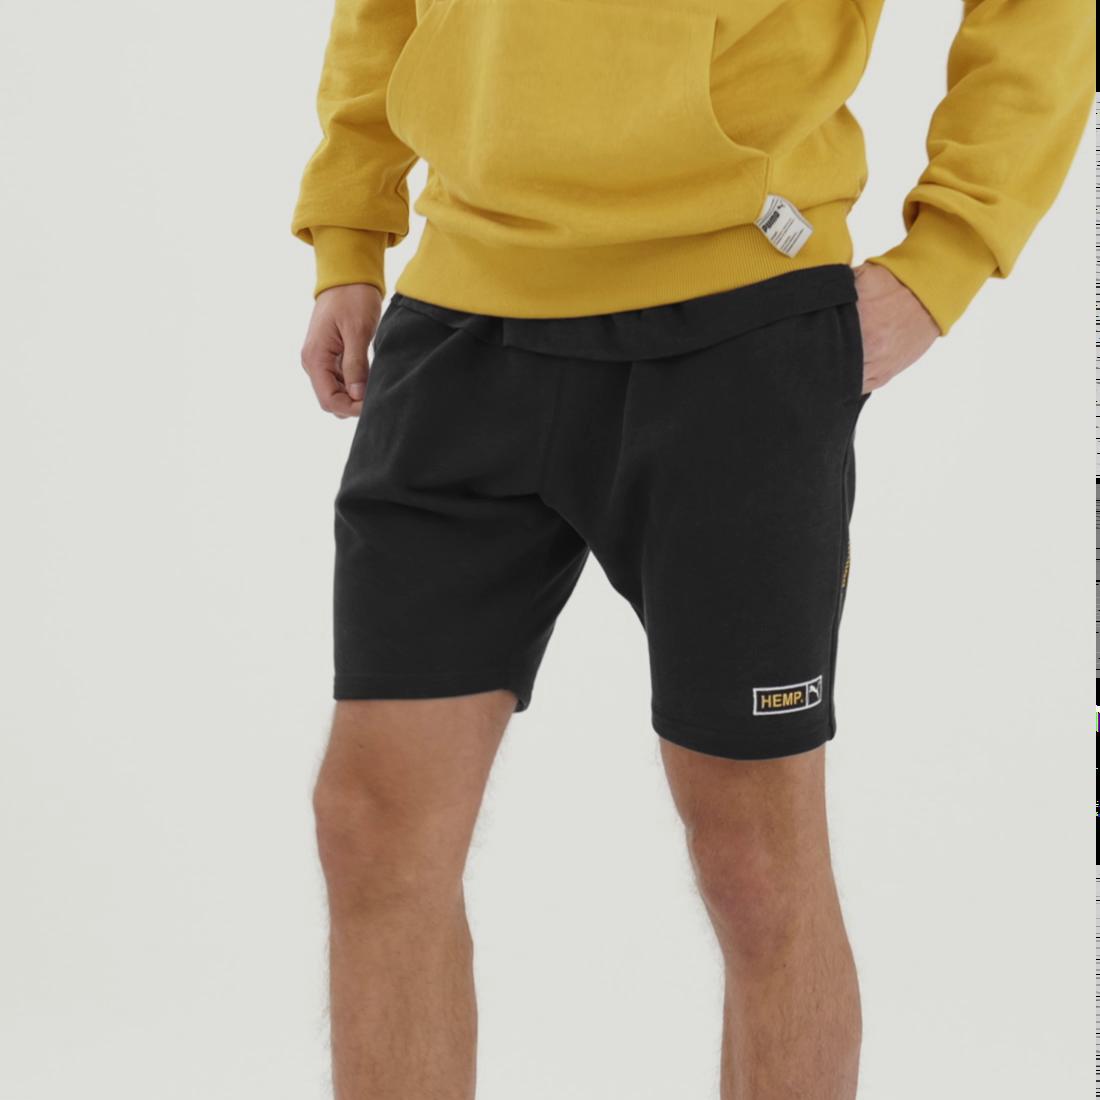 Image PUMA Shorts Hemp Masculino #7